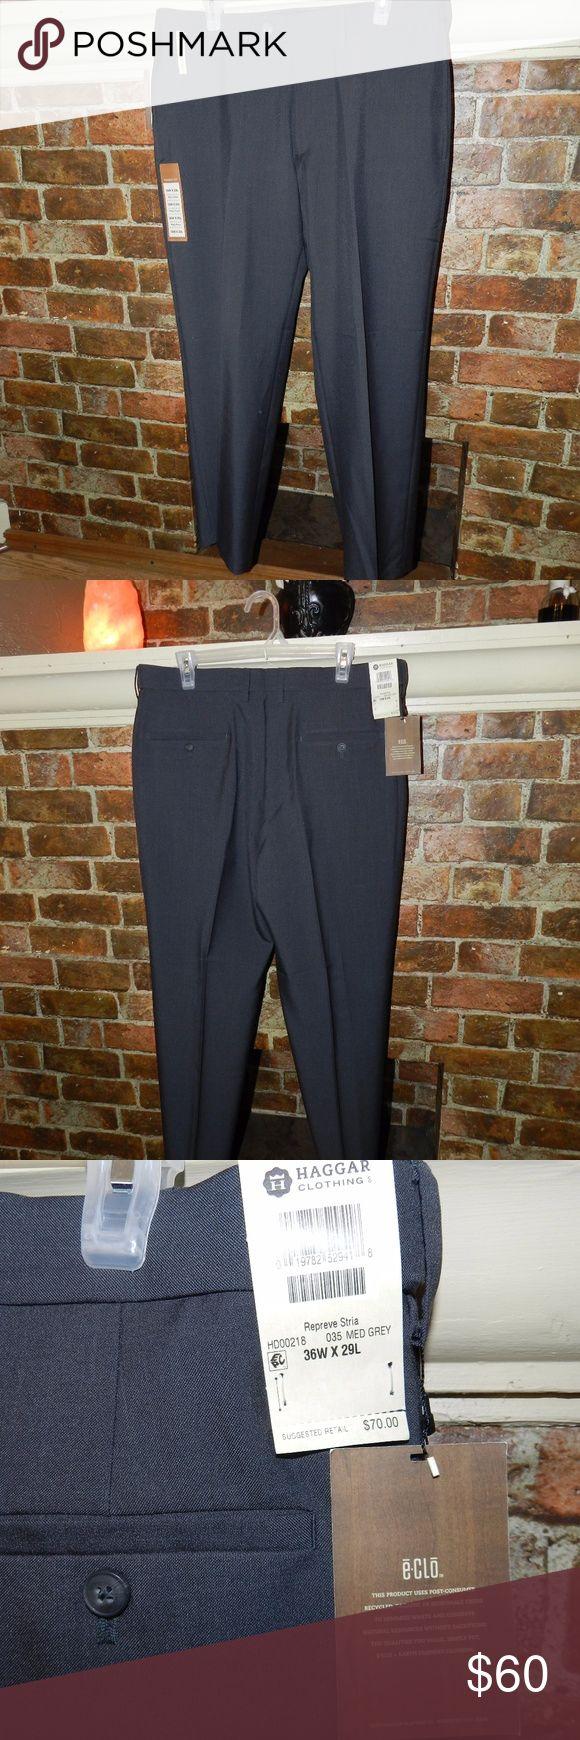 Haggar Dress pants NWT men's No Iron permanent crease  Dress pants in excellent condition 36WX29L Haggar Pants Dress